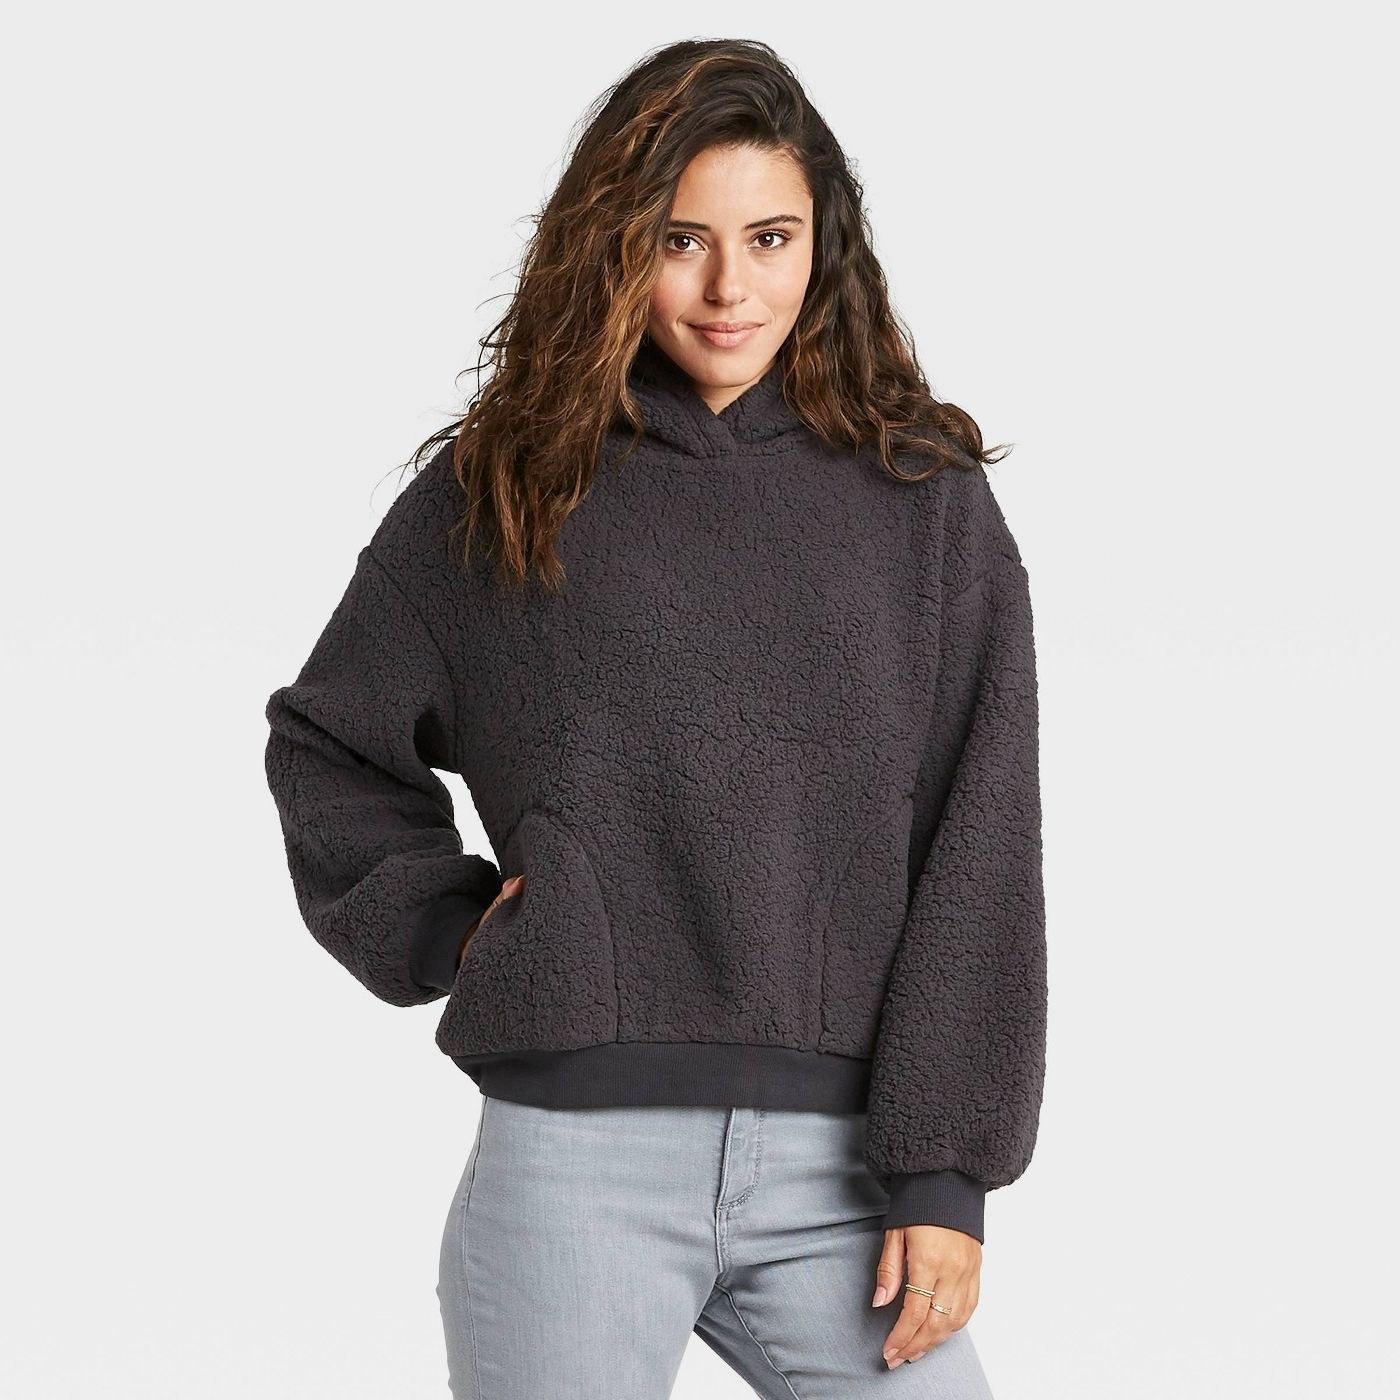 Model in sherpa sweatshirt